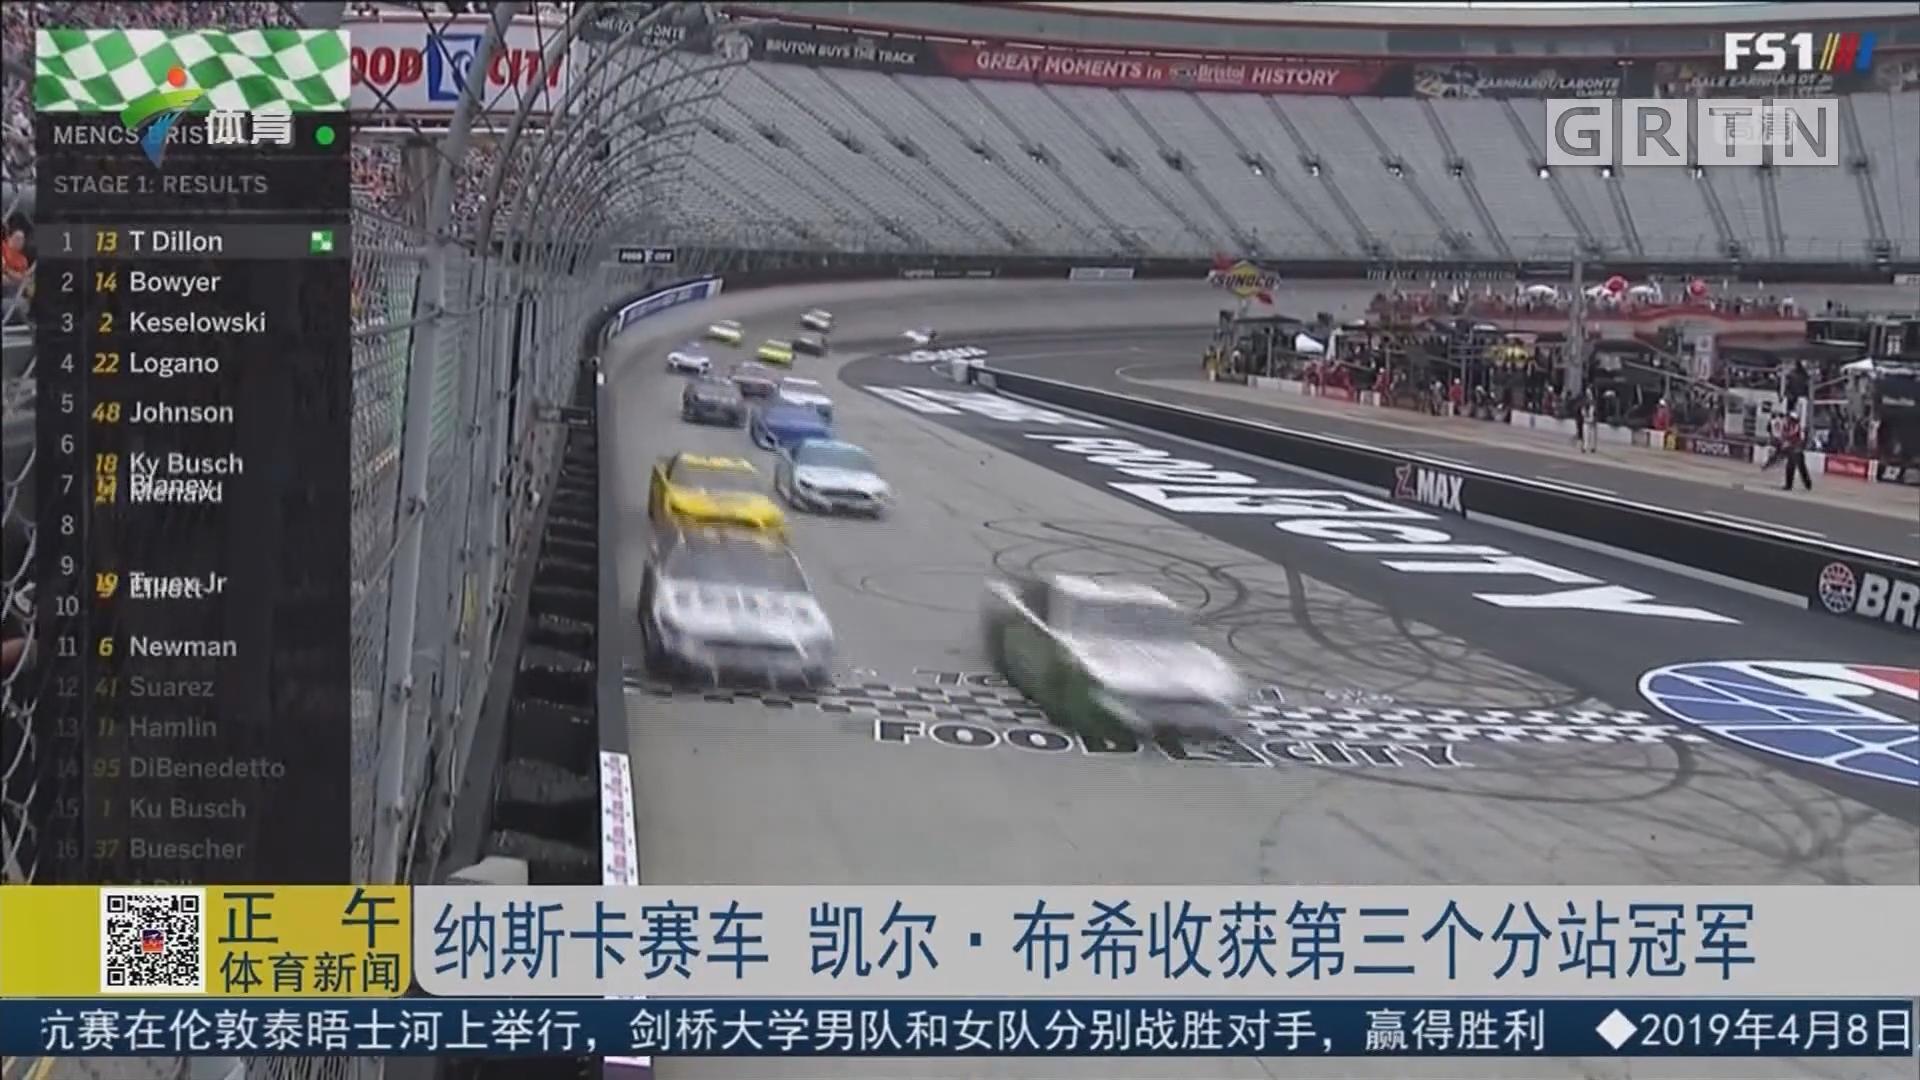 纳斯卡赛车 凯尔·布希收获第三个分站冠军